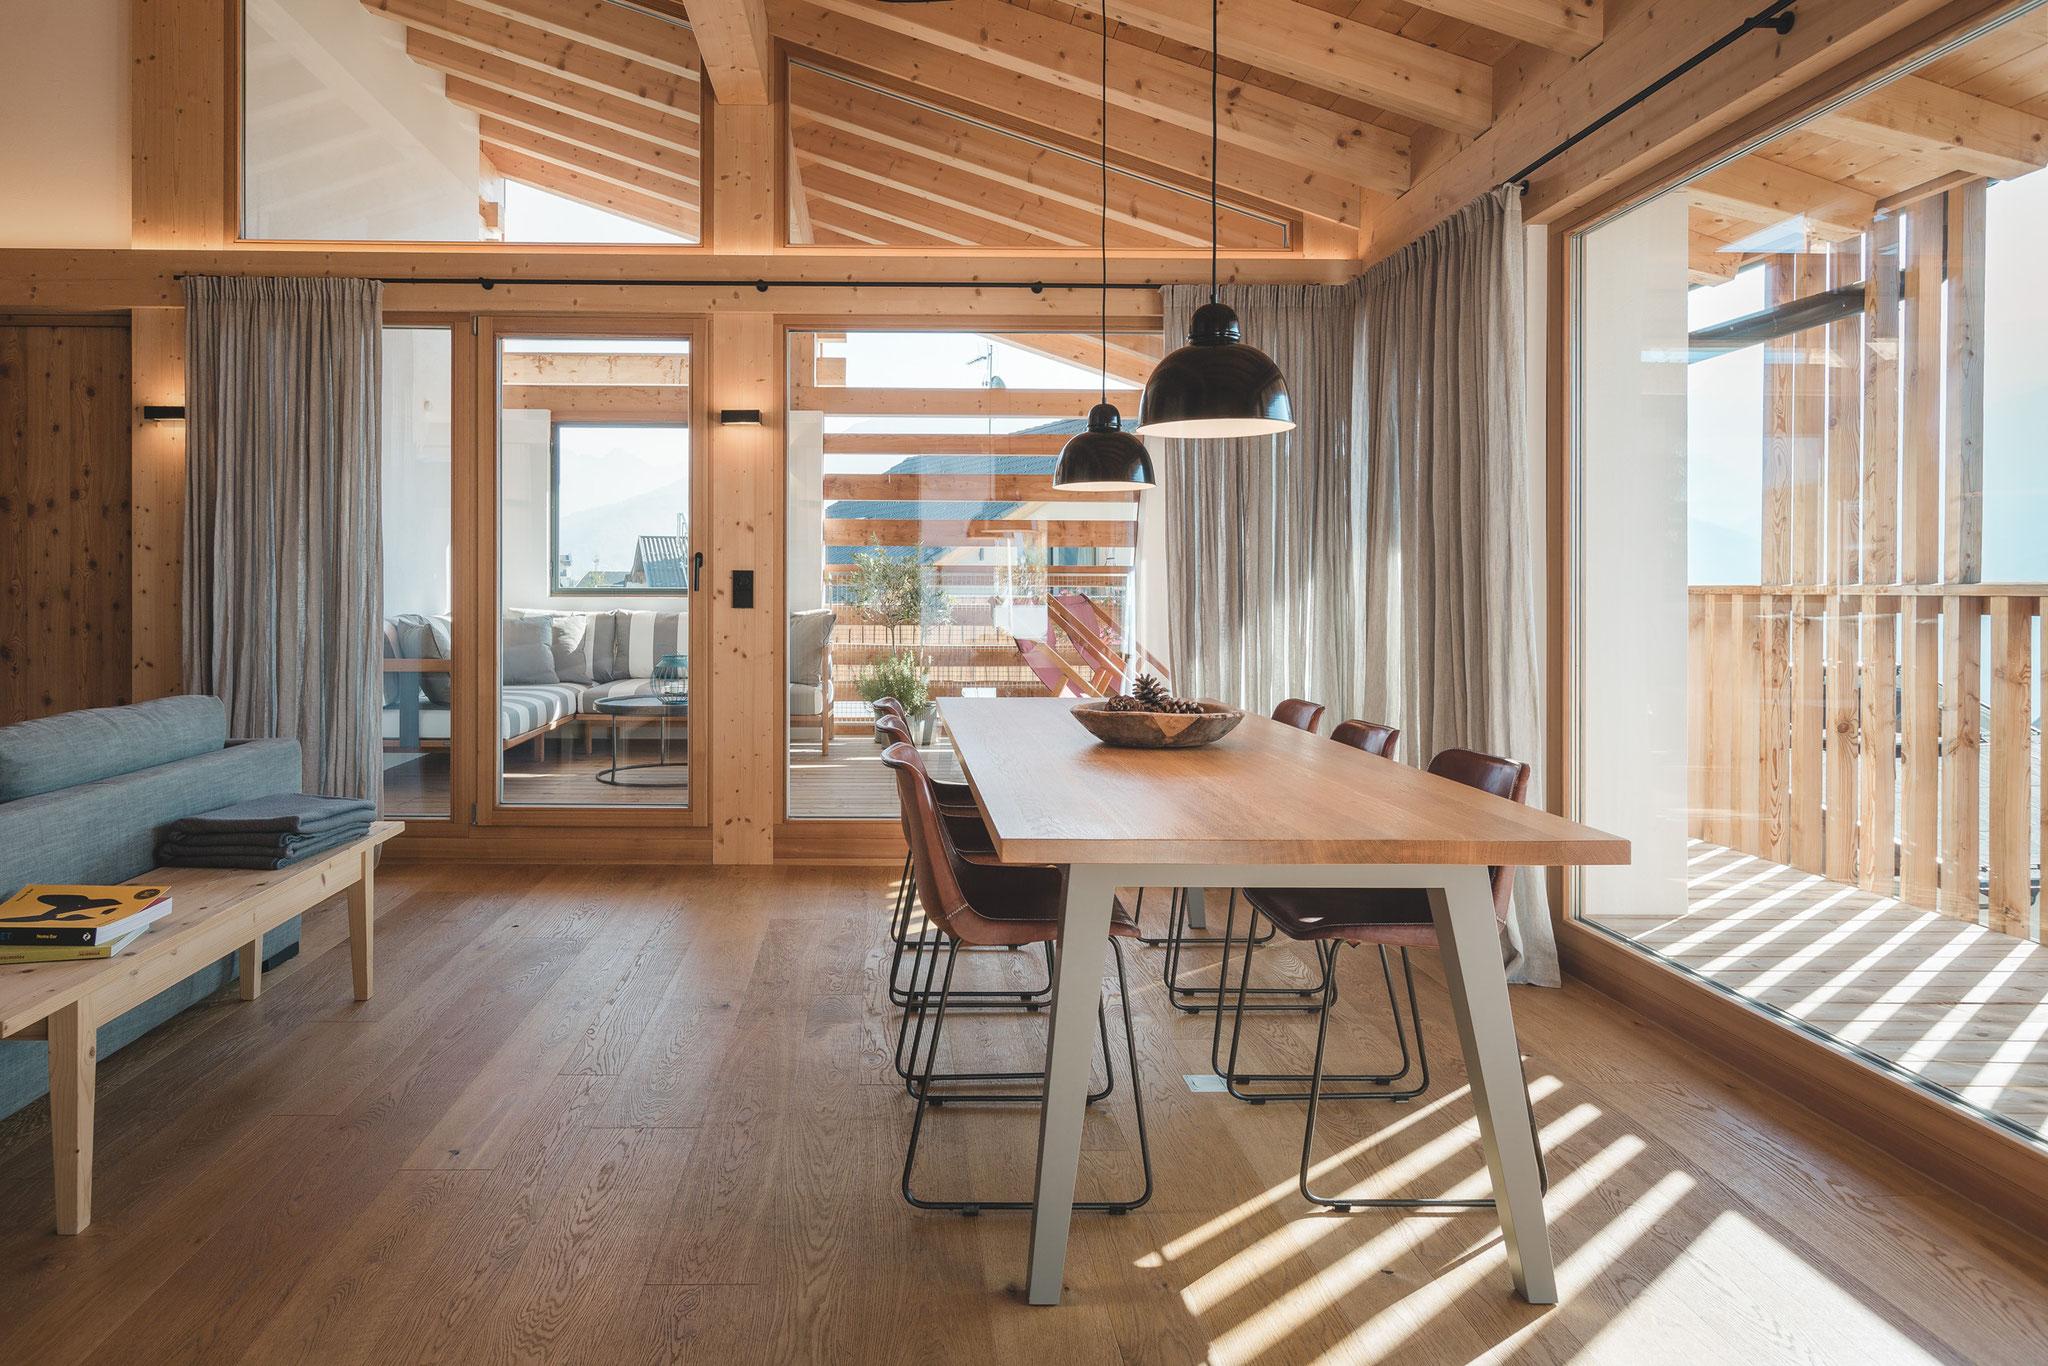 Luci Per Tettoia In Legno illuminare un tetto con travi a vista: tutte le soluzioni